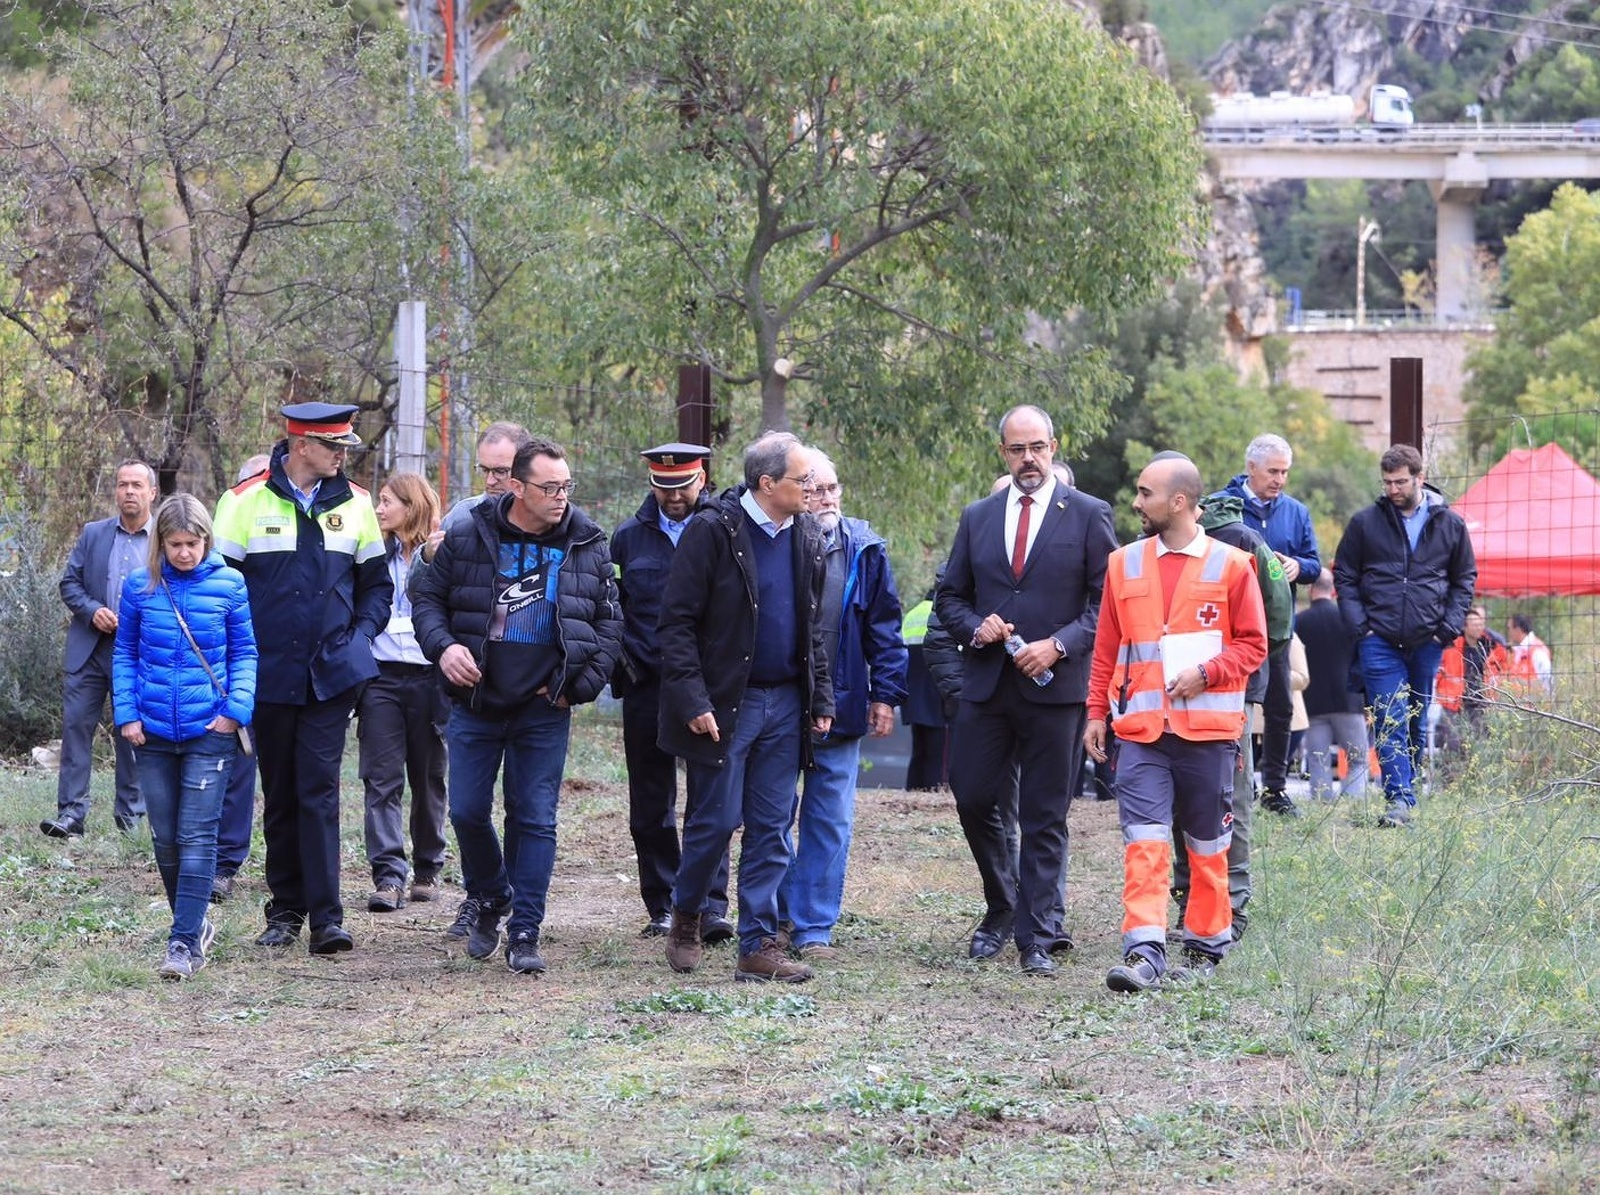 Els president Torra ha visitat algunes de les zones afectades pels aiguats al sub de Catalunya